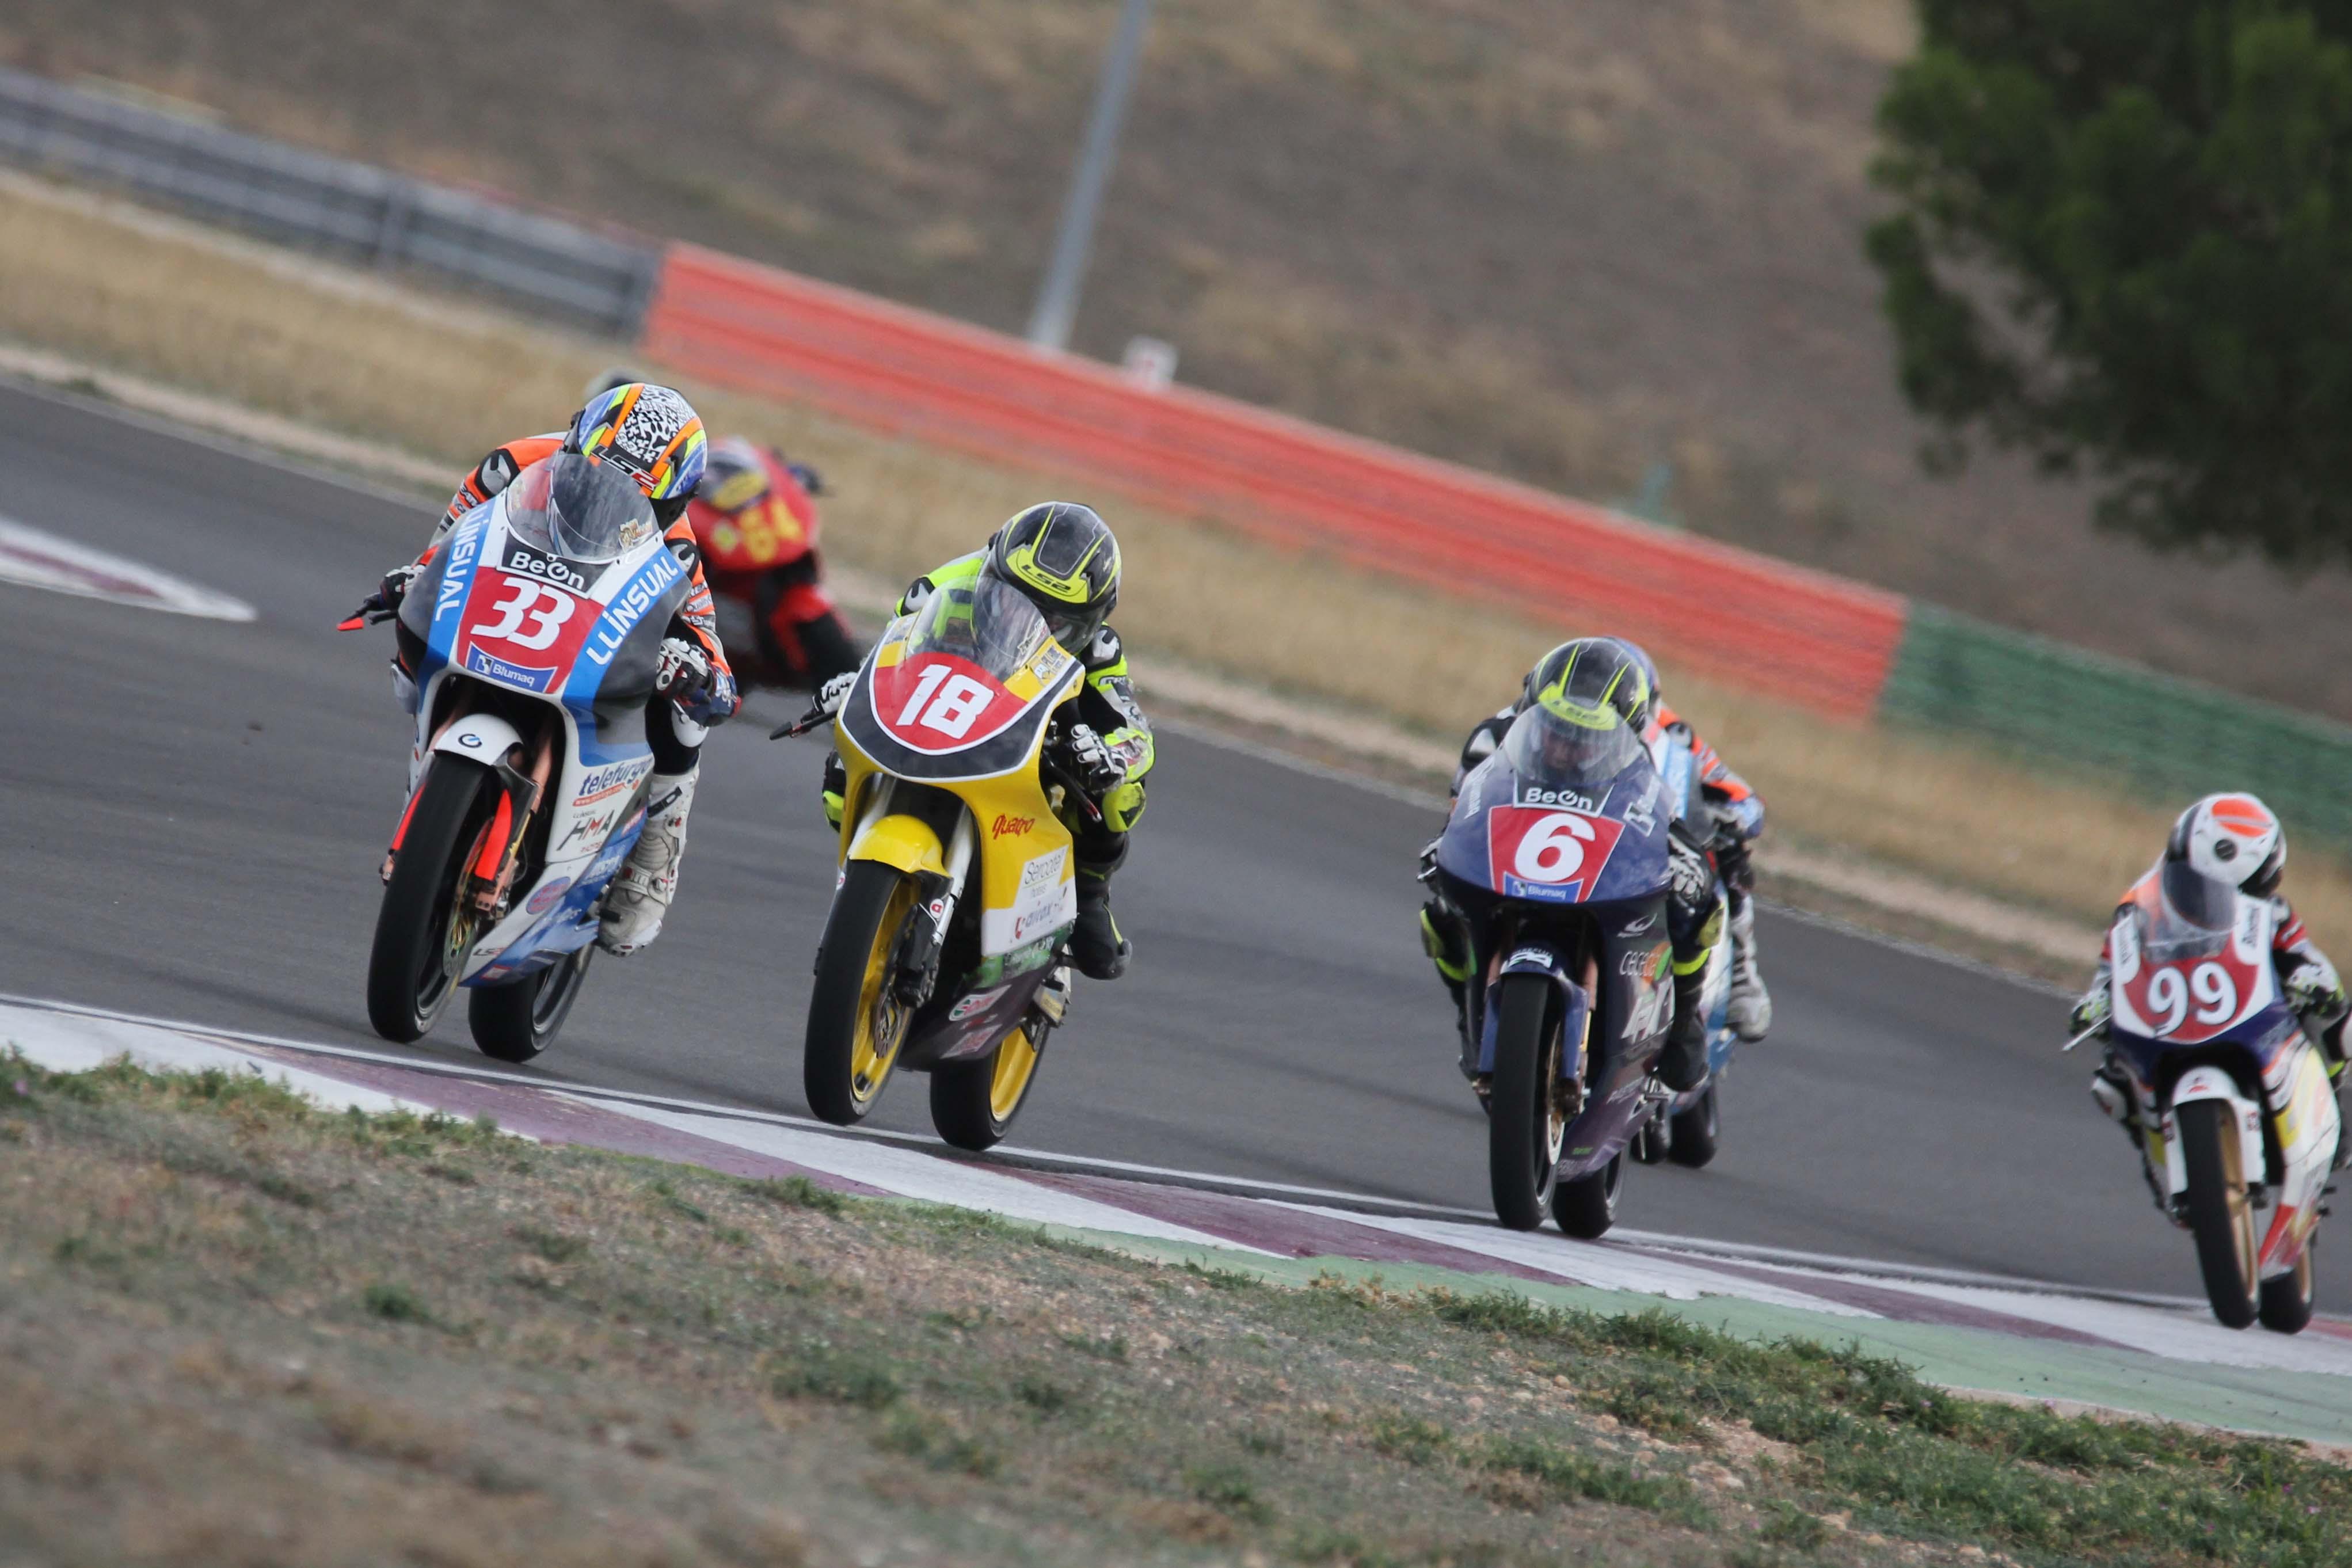 PreMoto3, PreMoto4, Moto4 (Foto: Circuito)